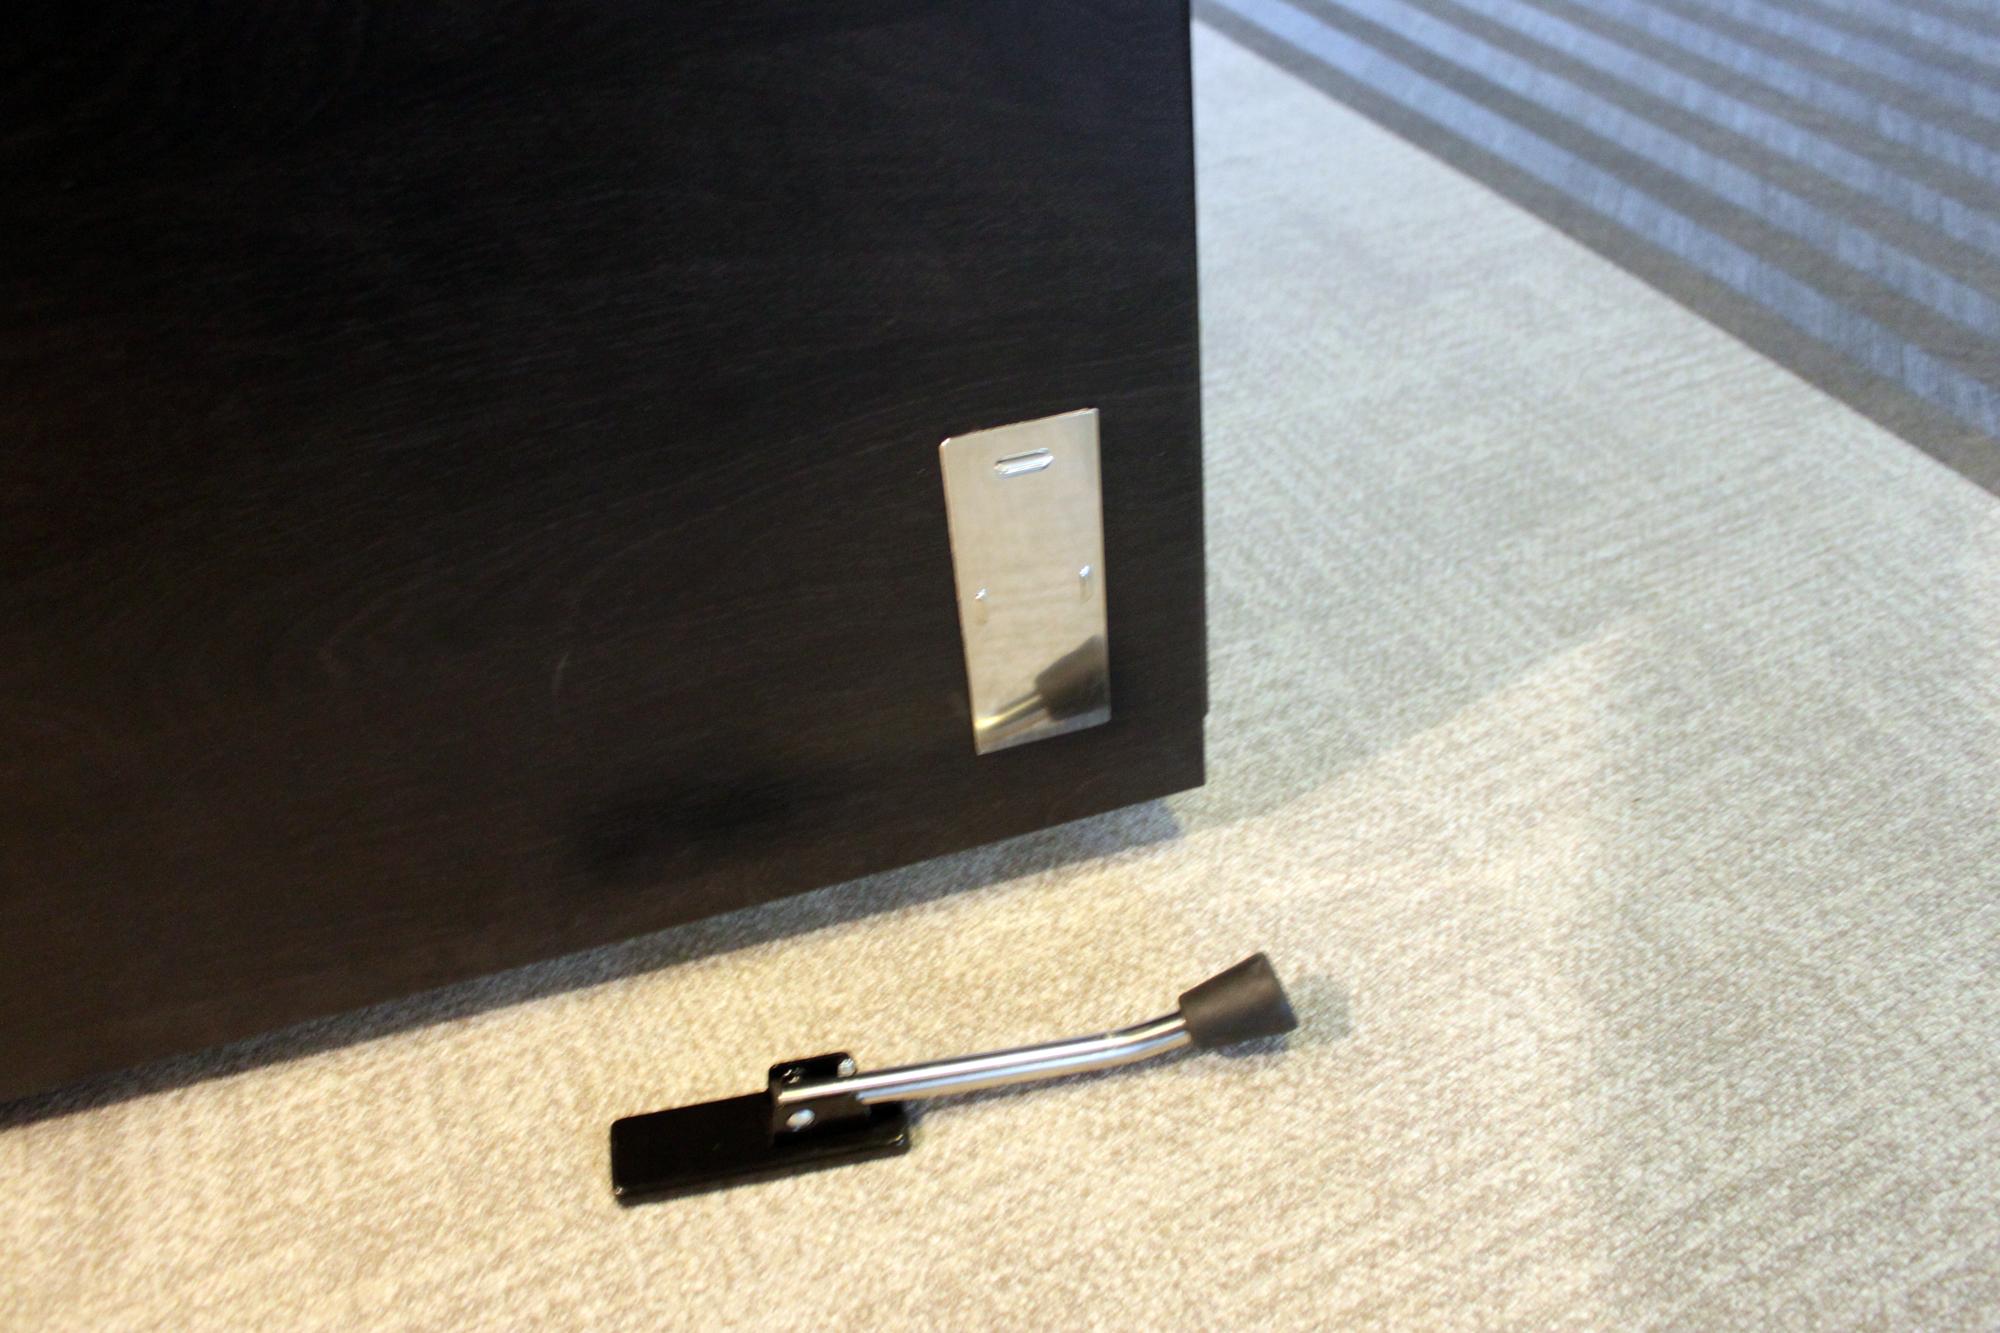 そのまま取り付けると磁力が弱かったので補助板をつけました。